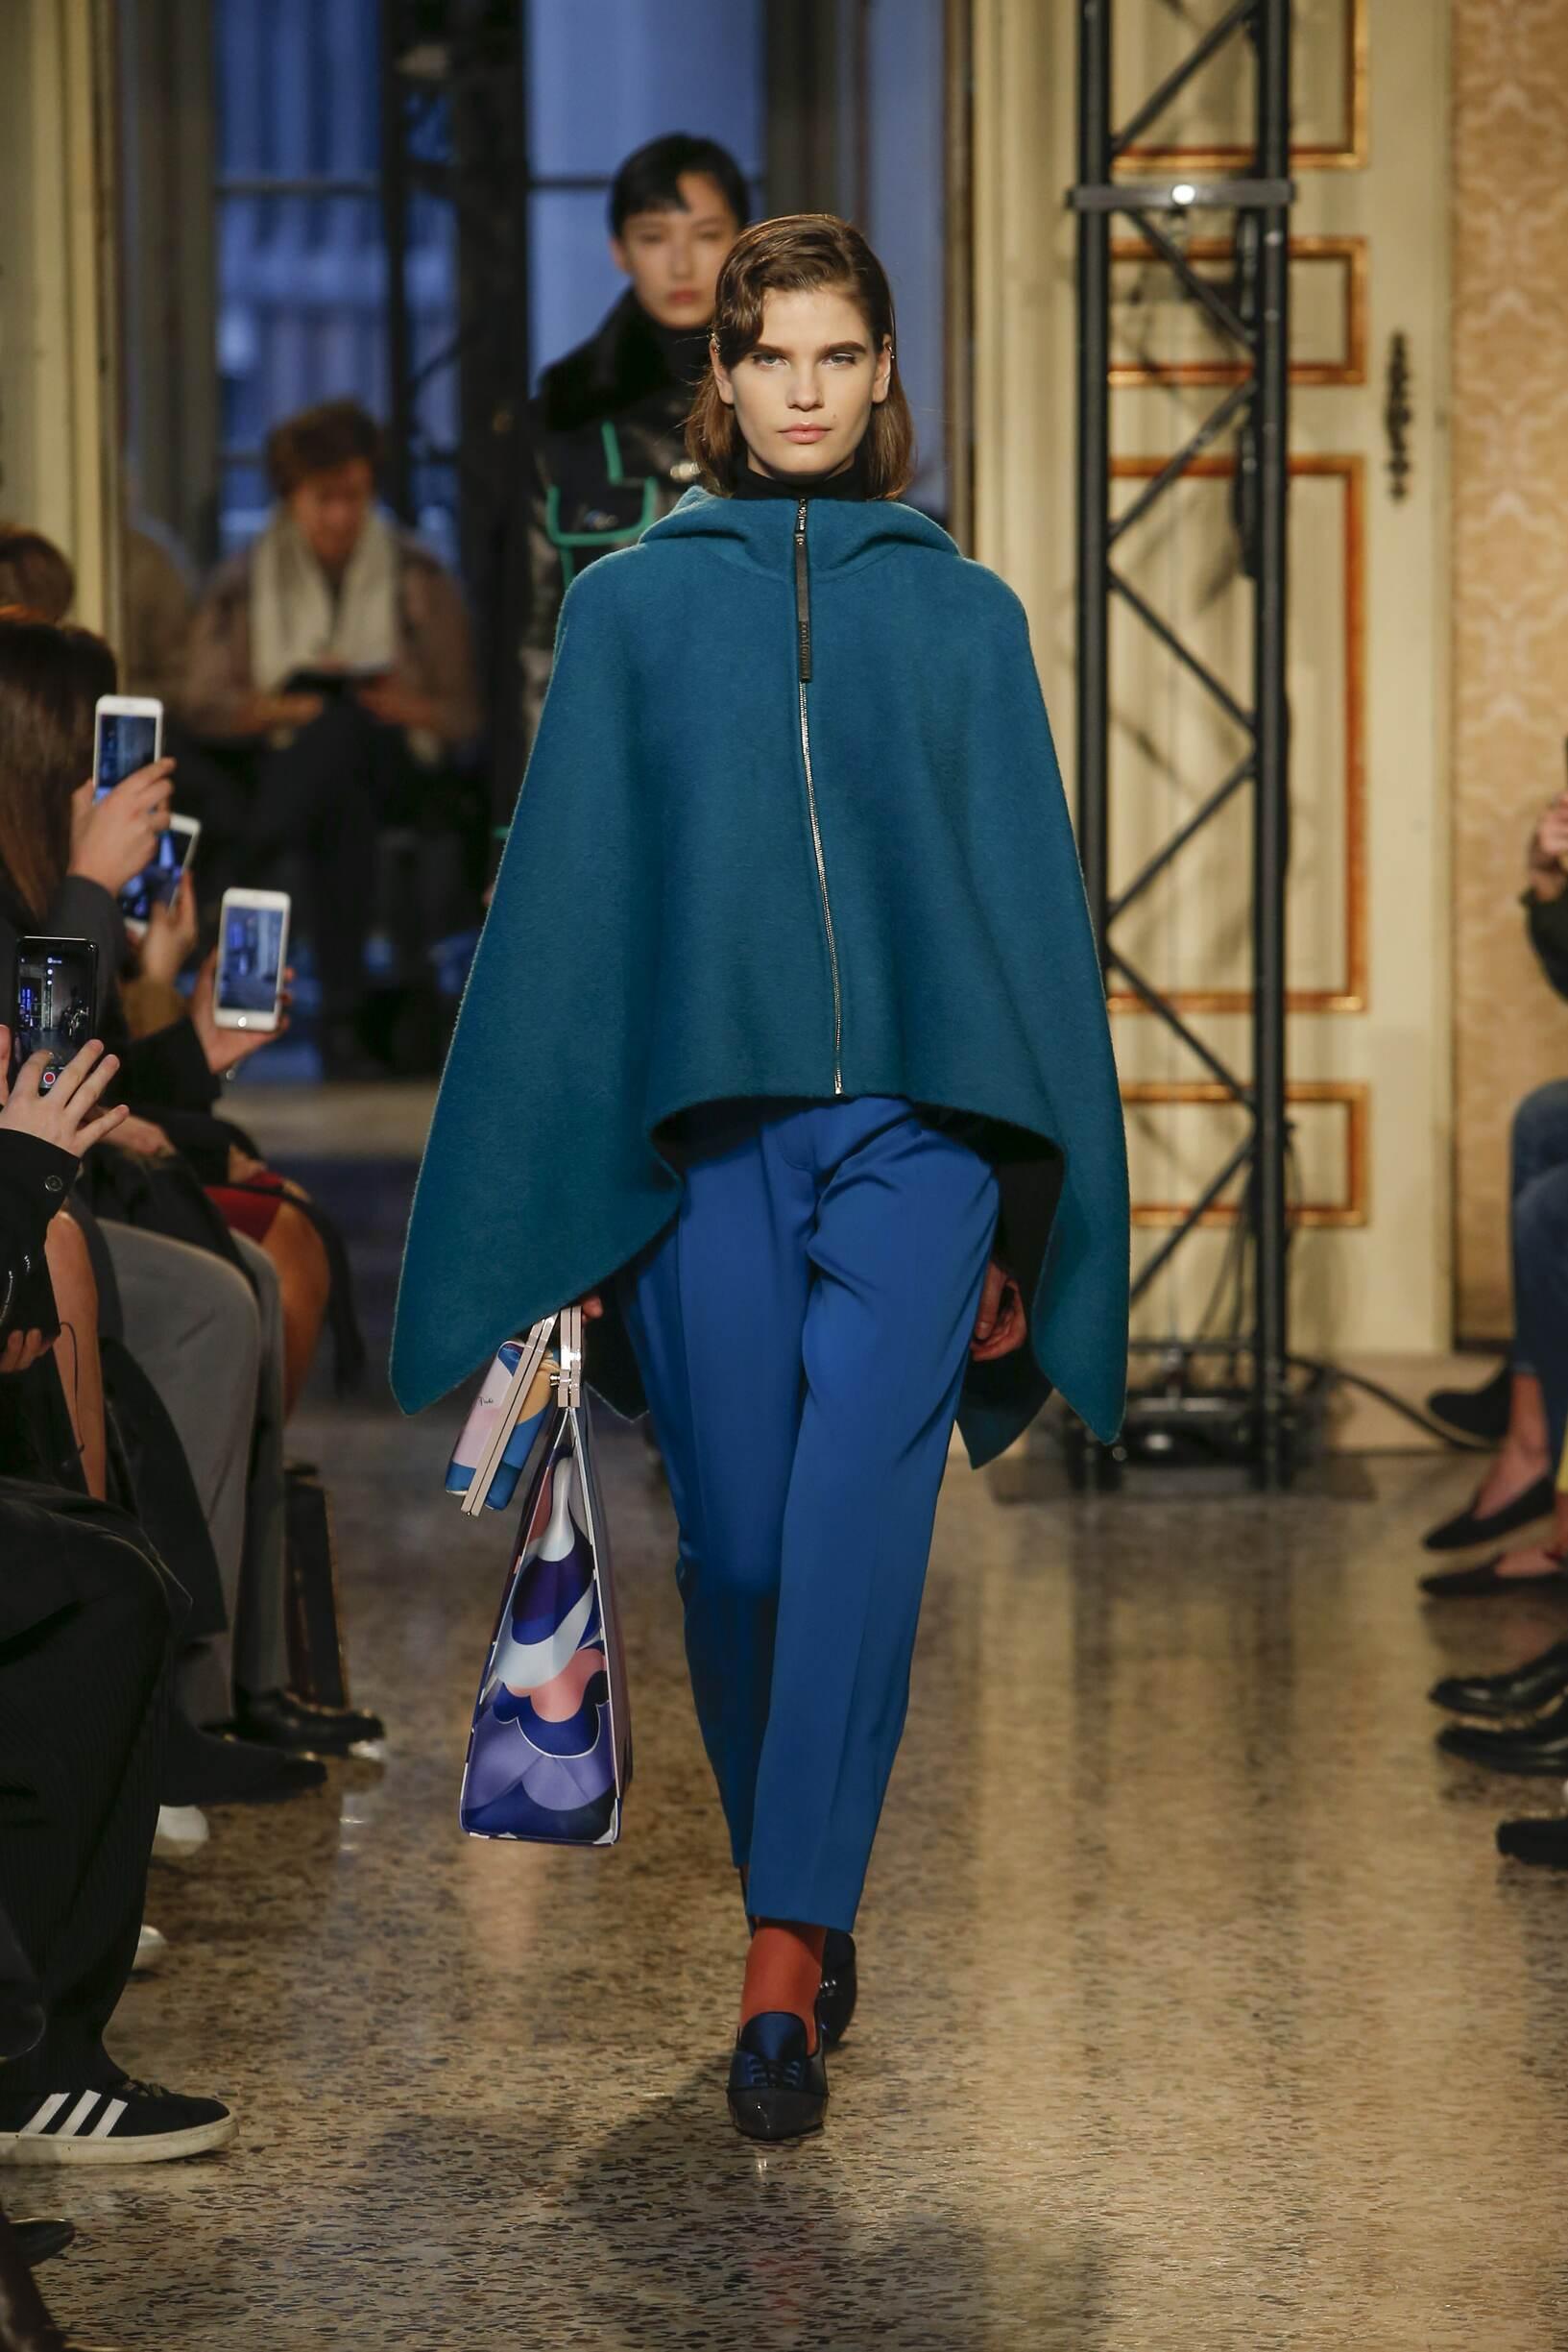 Model Fashion Show Emilio Pucci